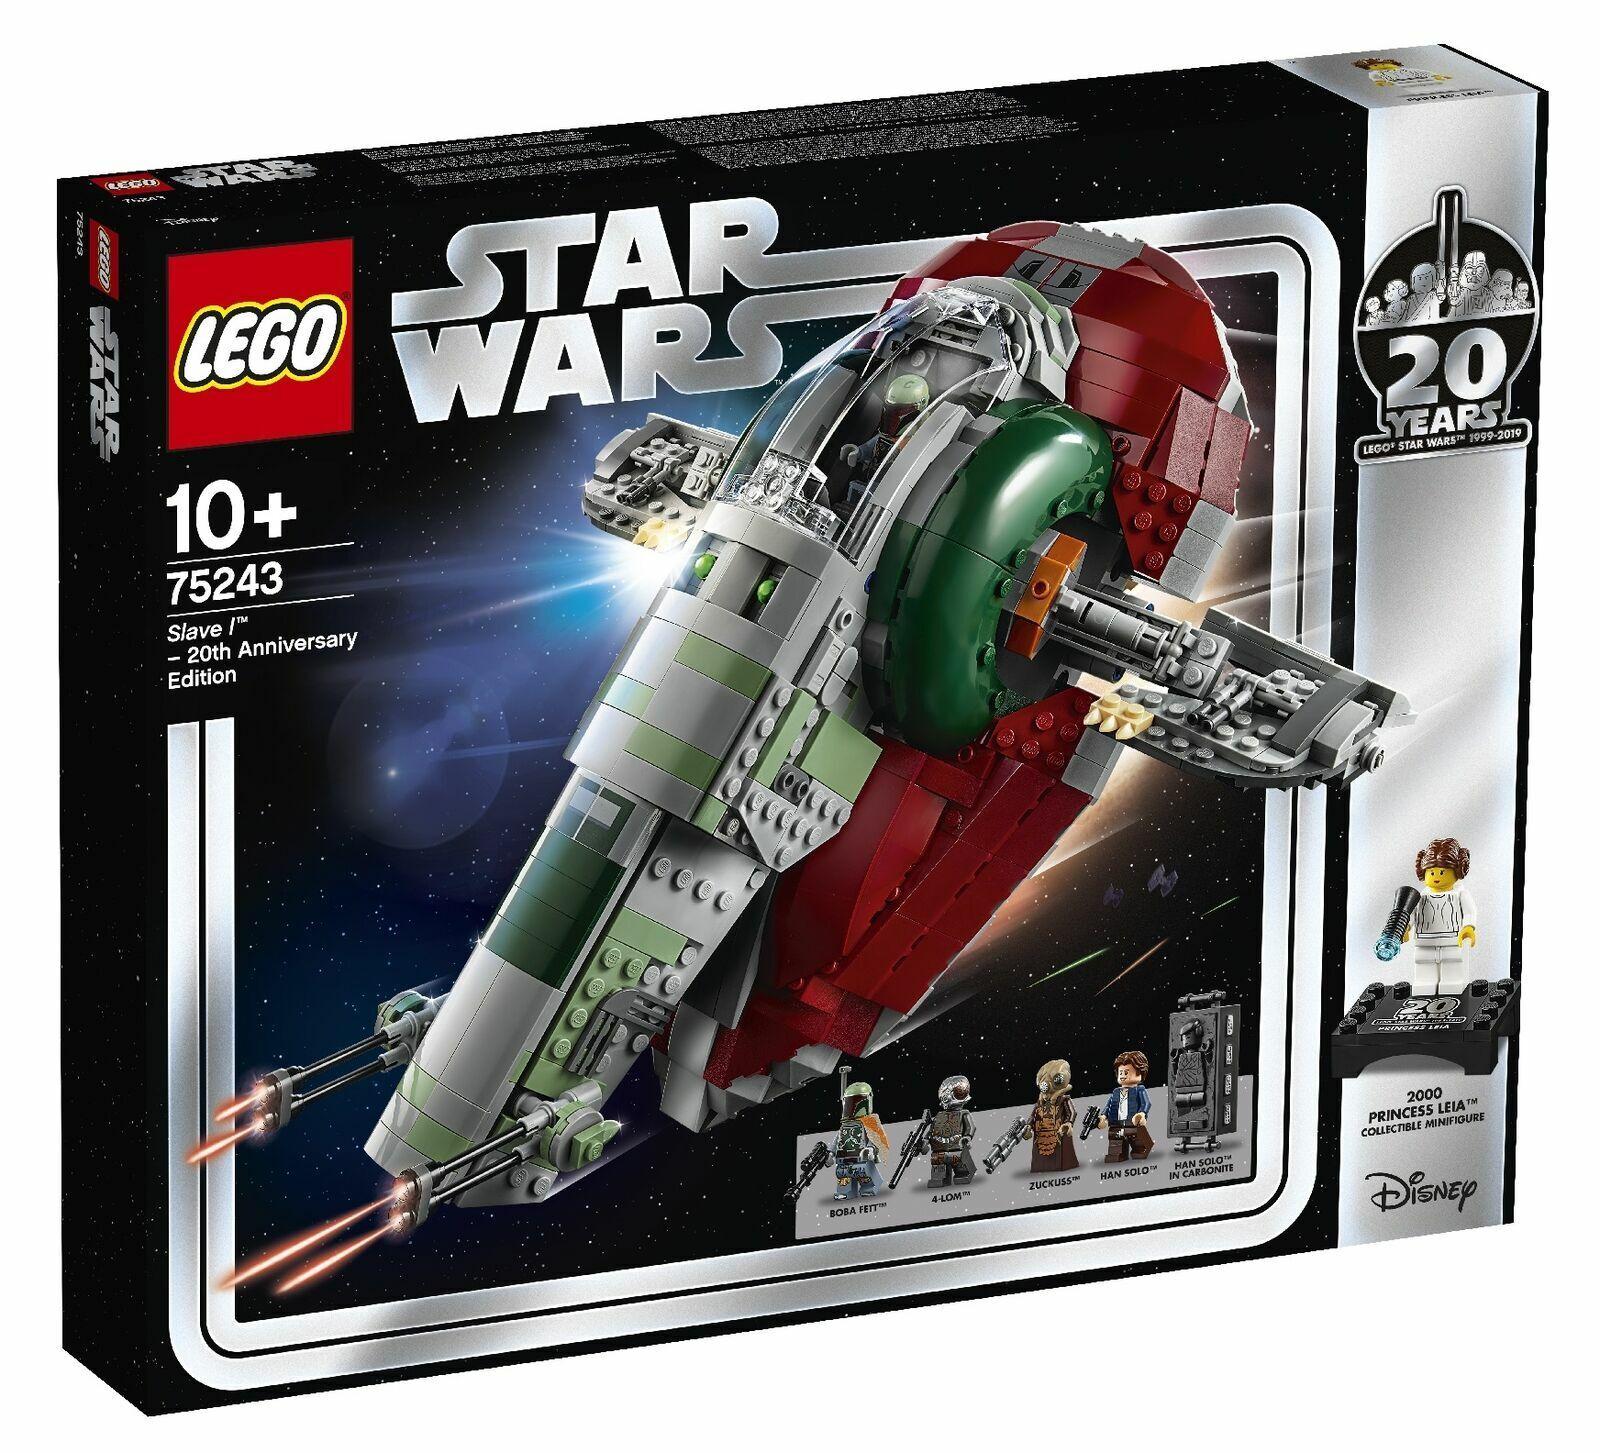 vendita di fama mondiale online LEGO 75243 NIB Sealed Sealed Sealed Estrella Guerras Slave l 20th Anniversary edizione  80% di sconto